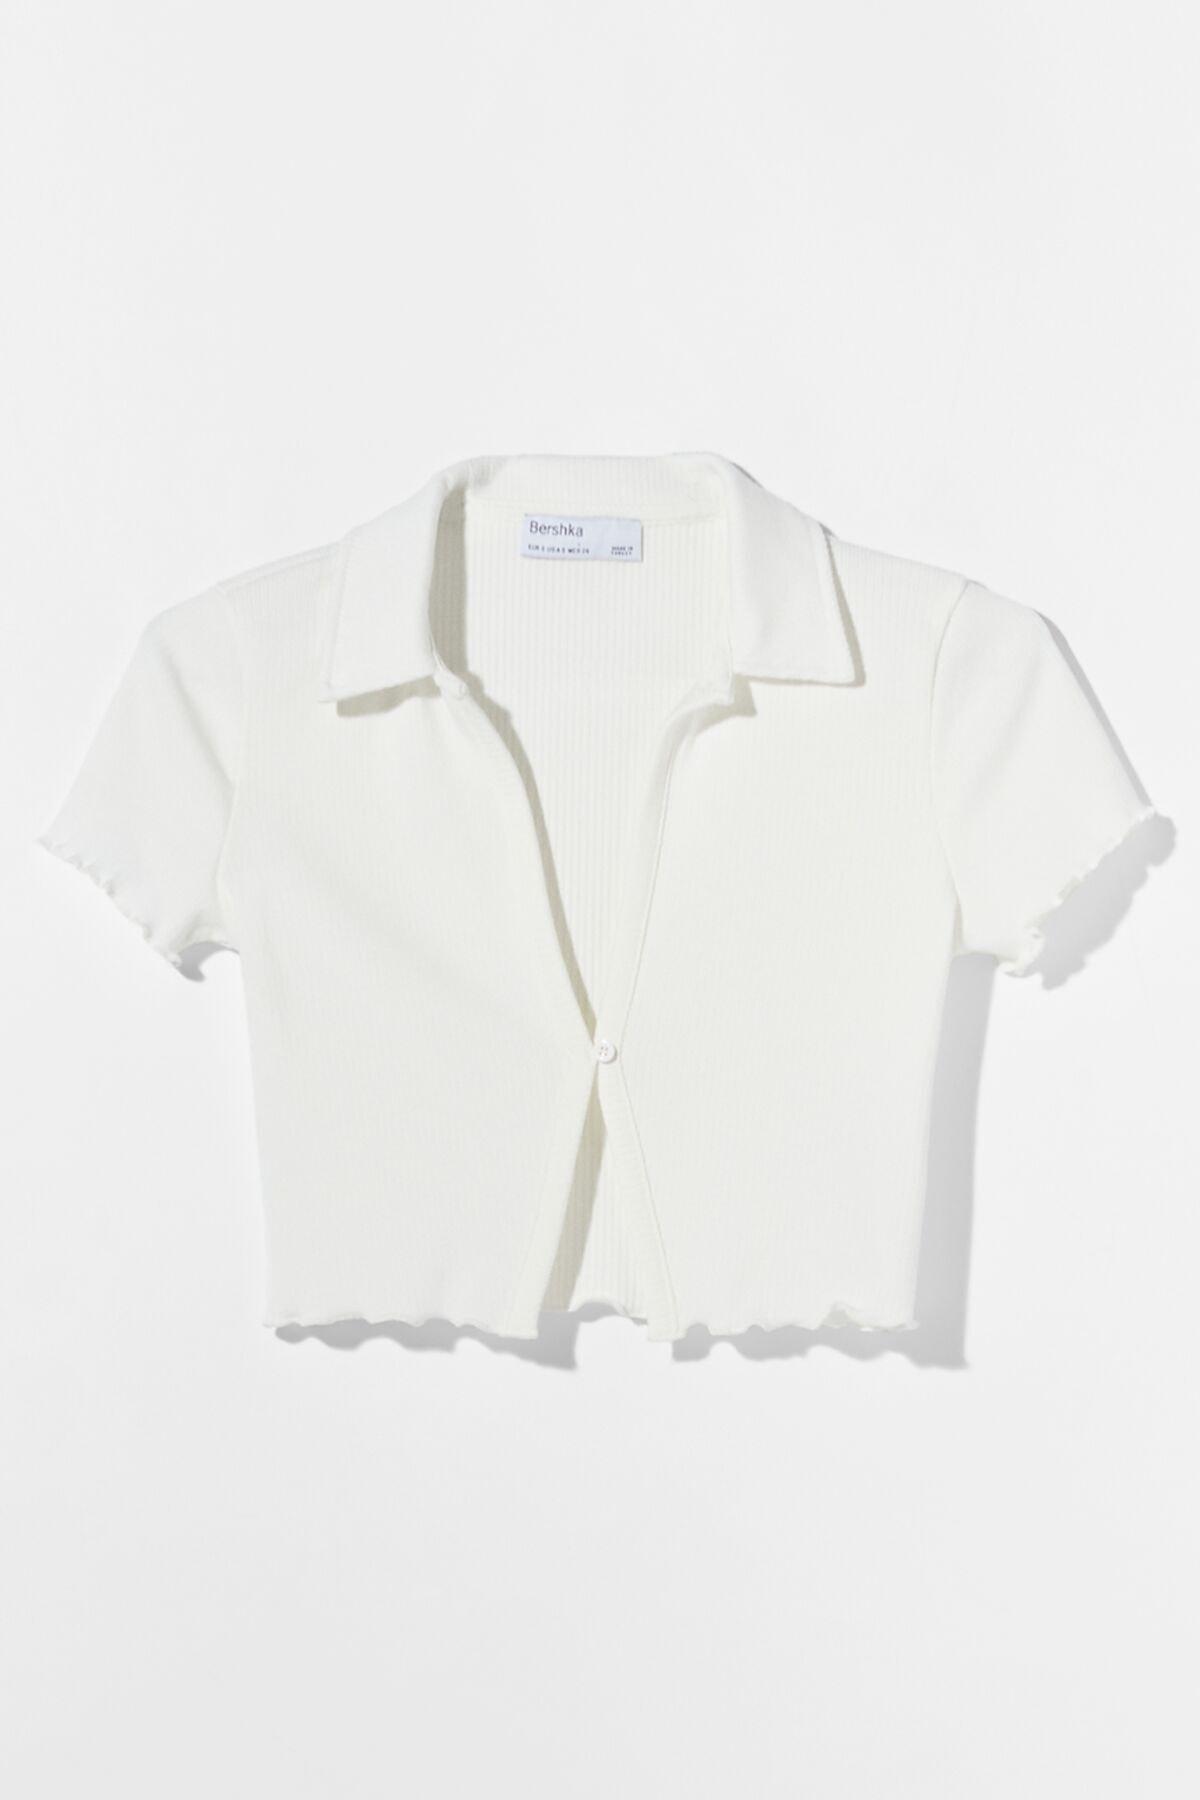 Bershka Kadın Beyaz Düğmeli Kısa Kollu Fitilli Polo T-Shirt 03305492 4